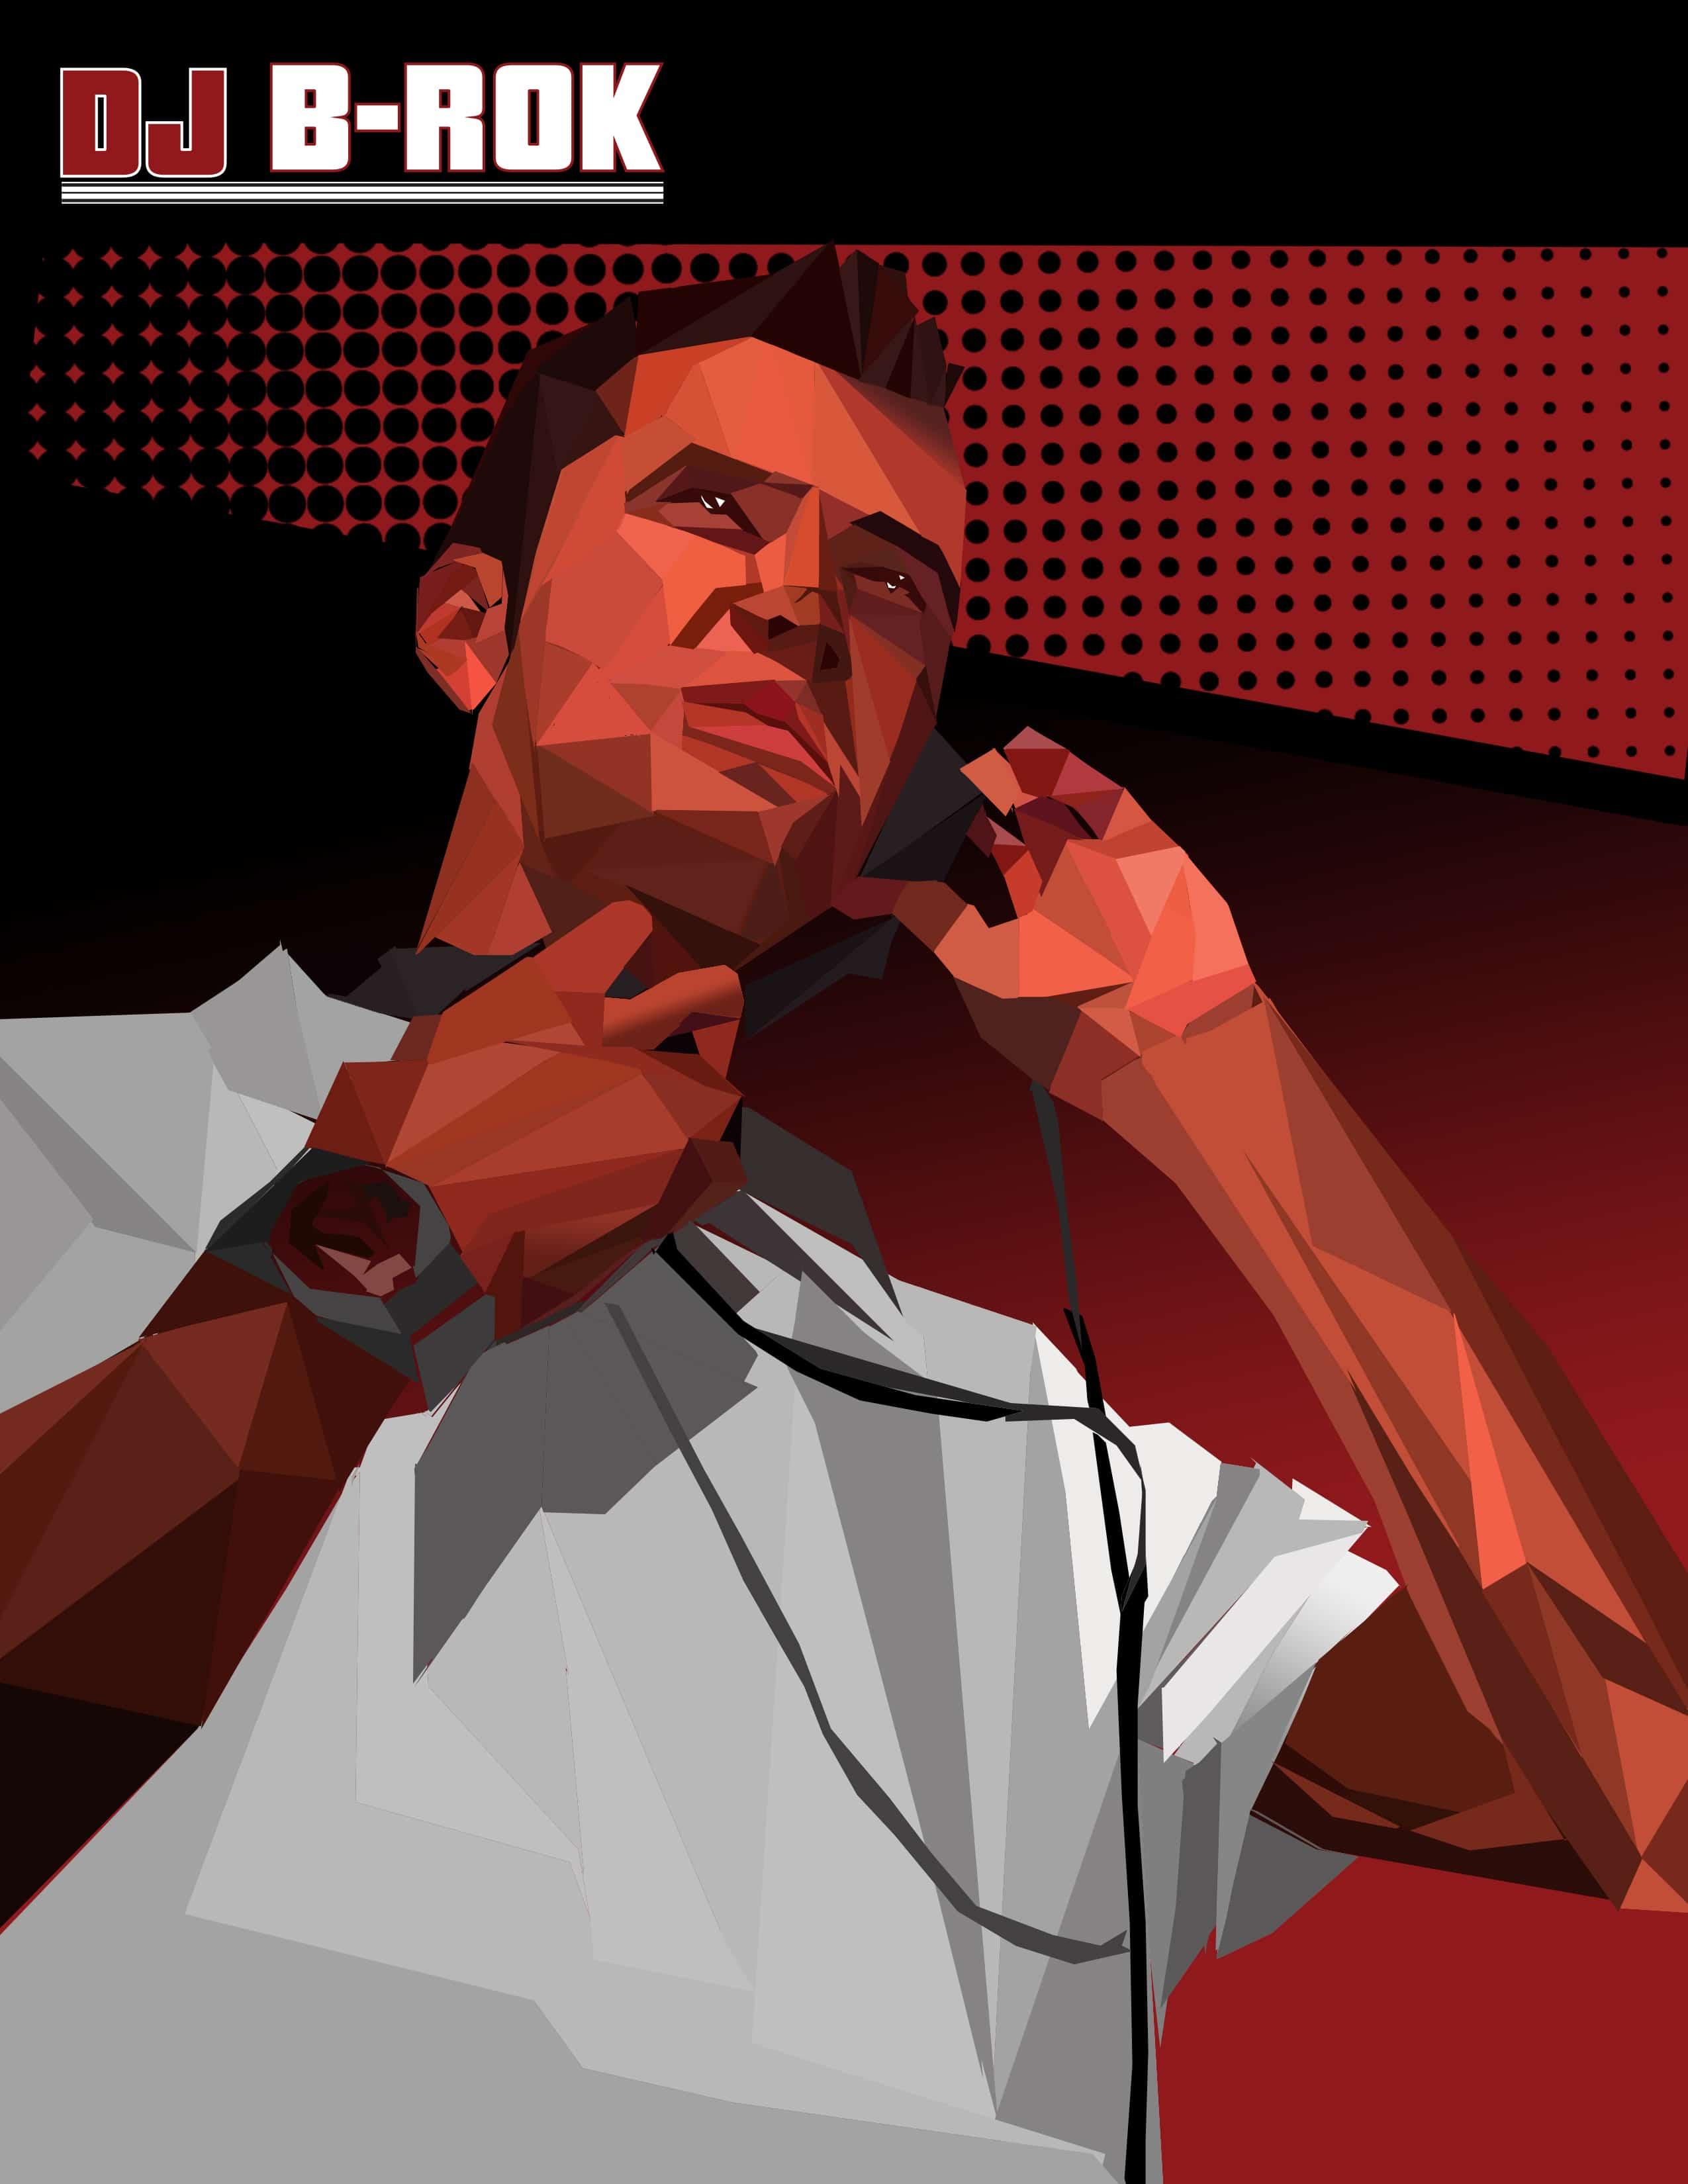 DJ B Poly